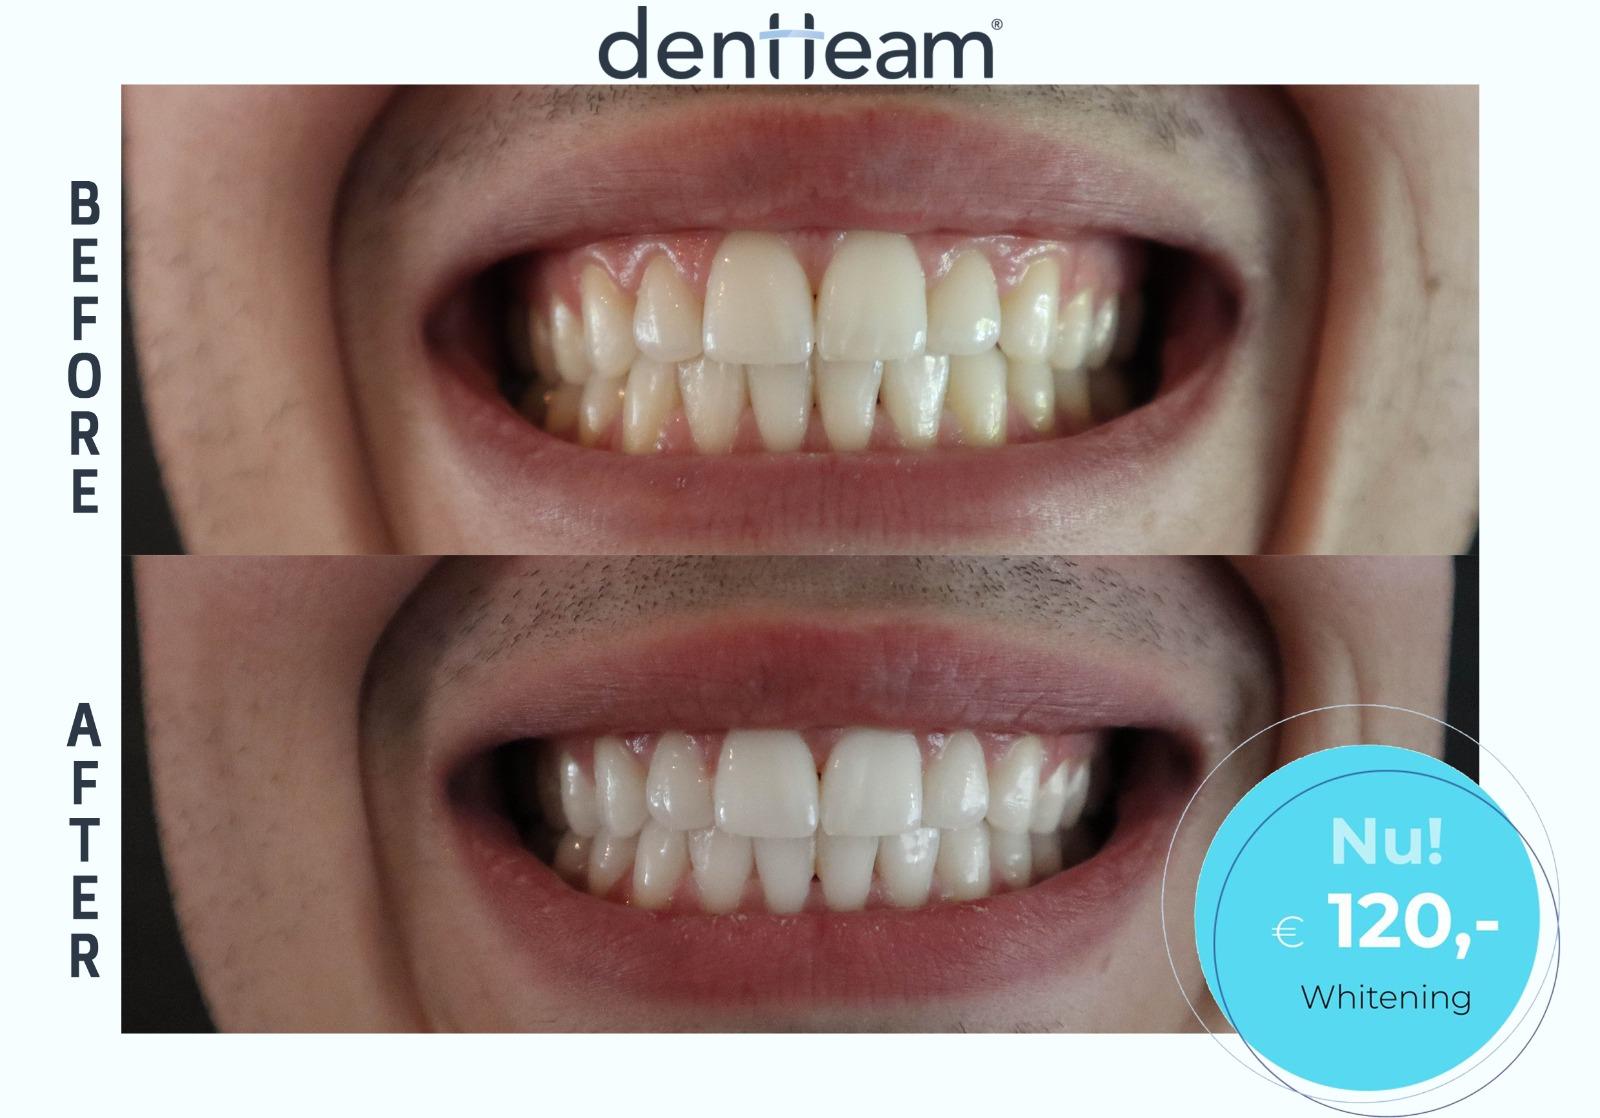 Is het bleken van tanden schadelijk?